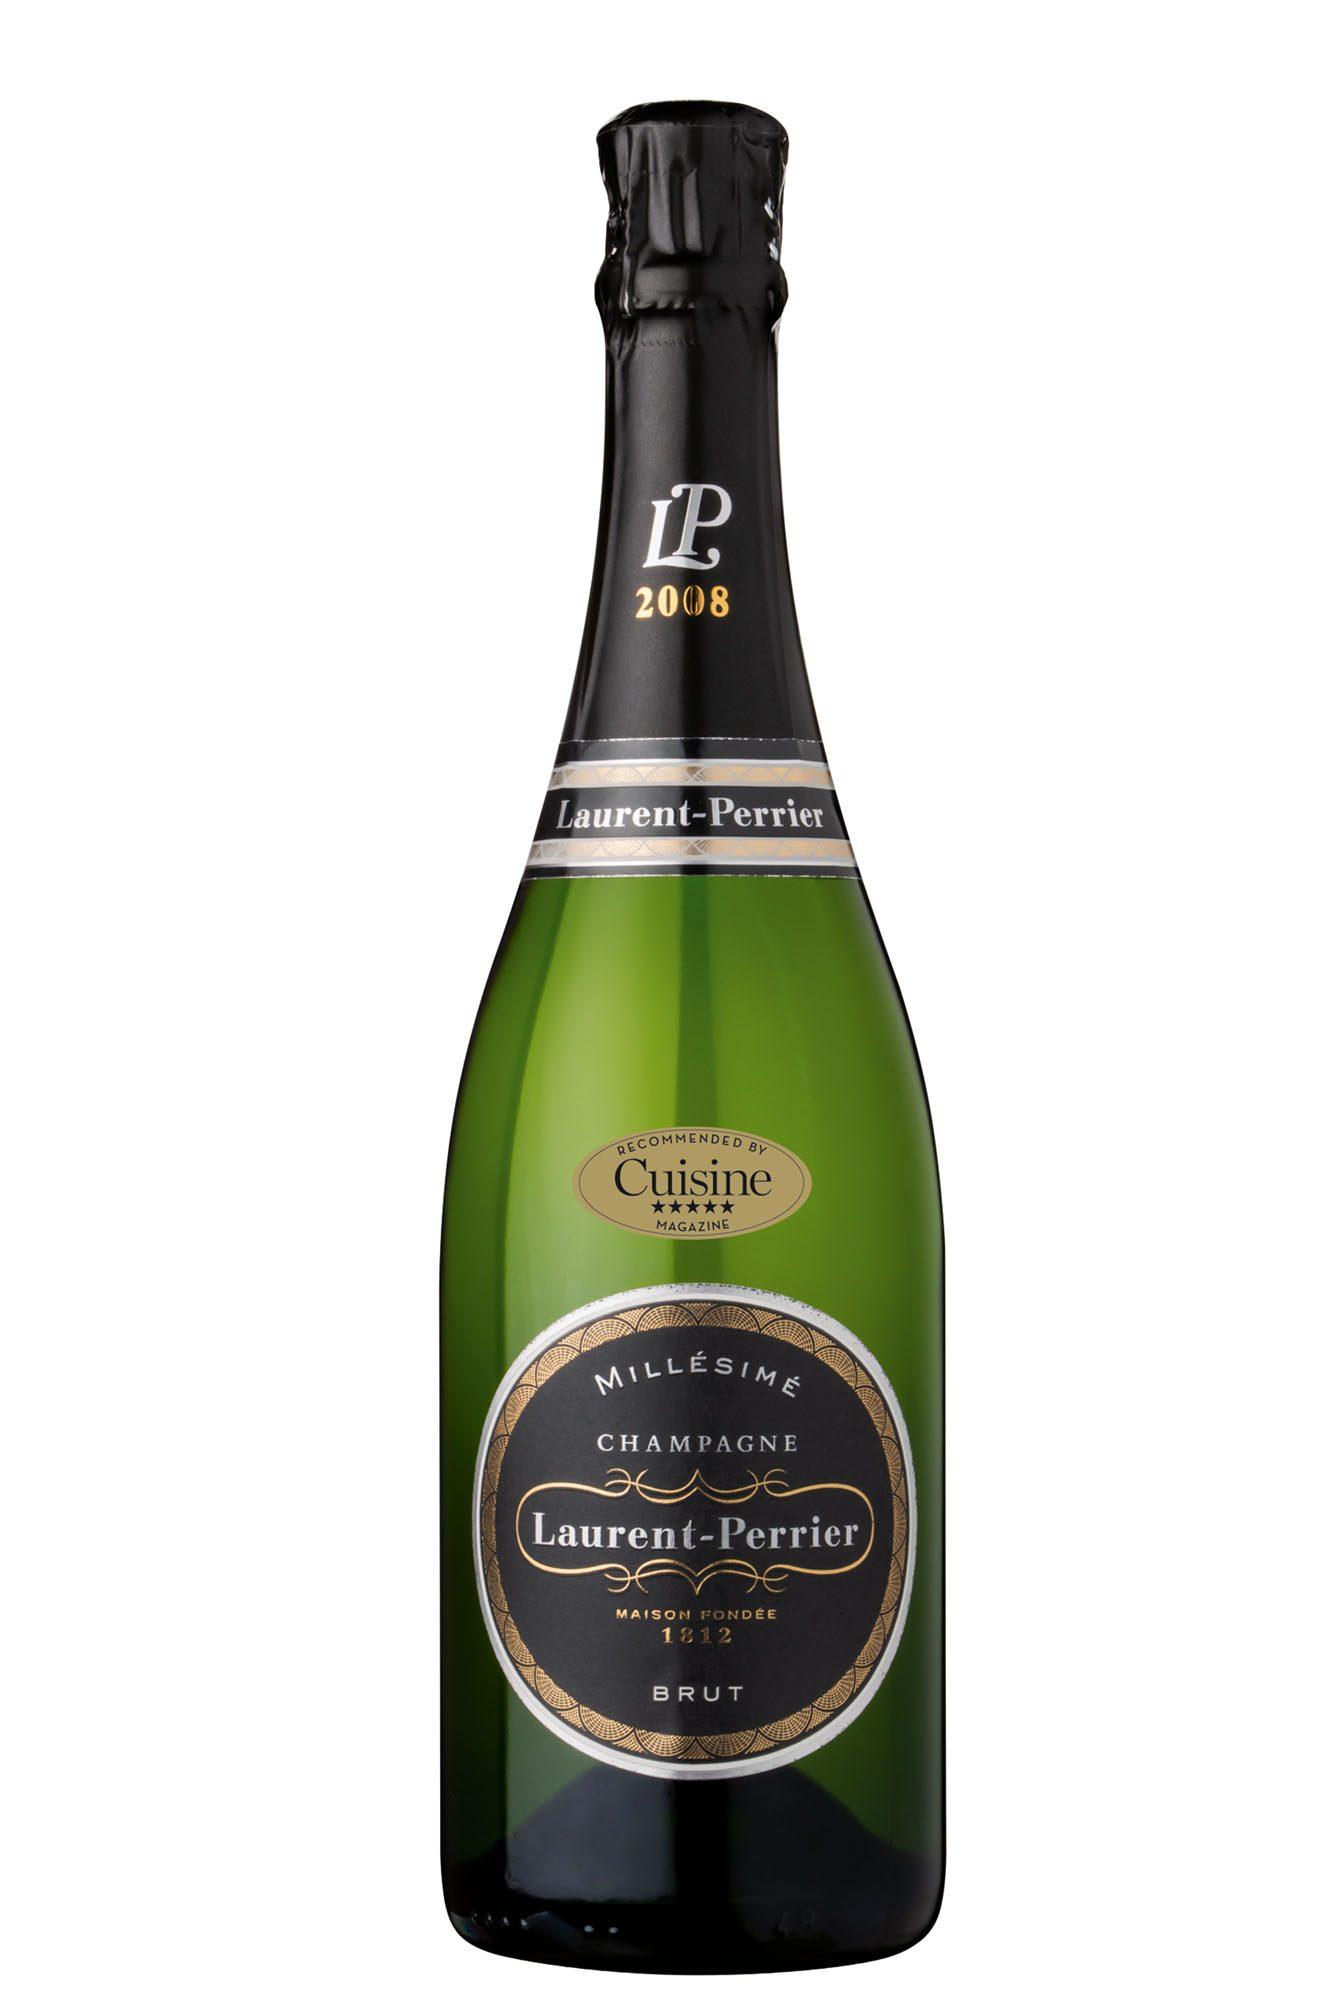 Champagne Laurent-Perrier Brut Millésimé 2008